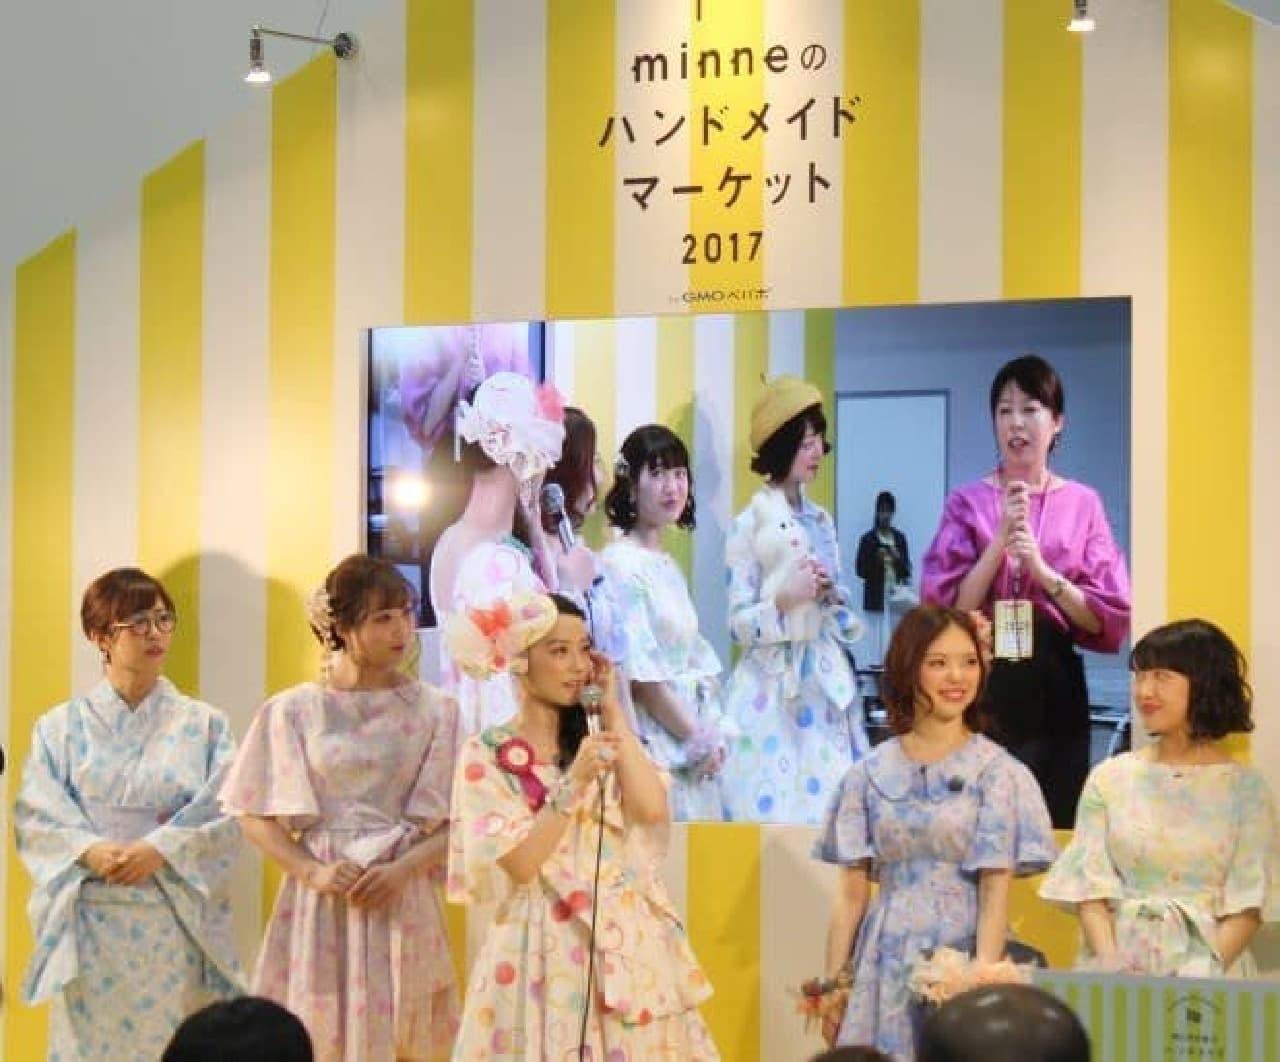 「minneのハンドメイドマーケット」は、出展者として参加したクリエイターから、ファンが直接商品を購入できるイベント